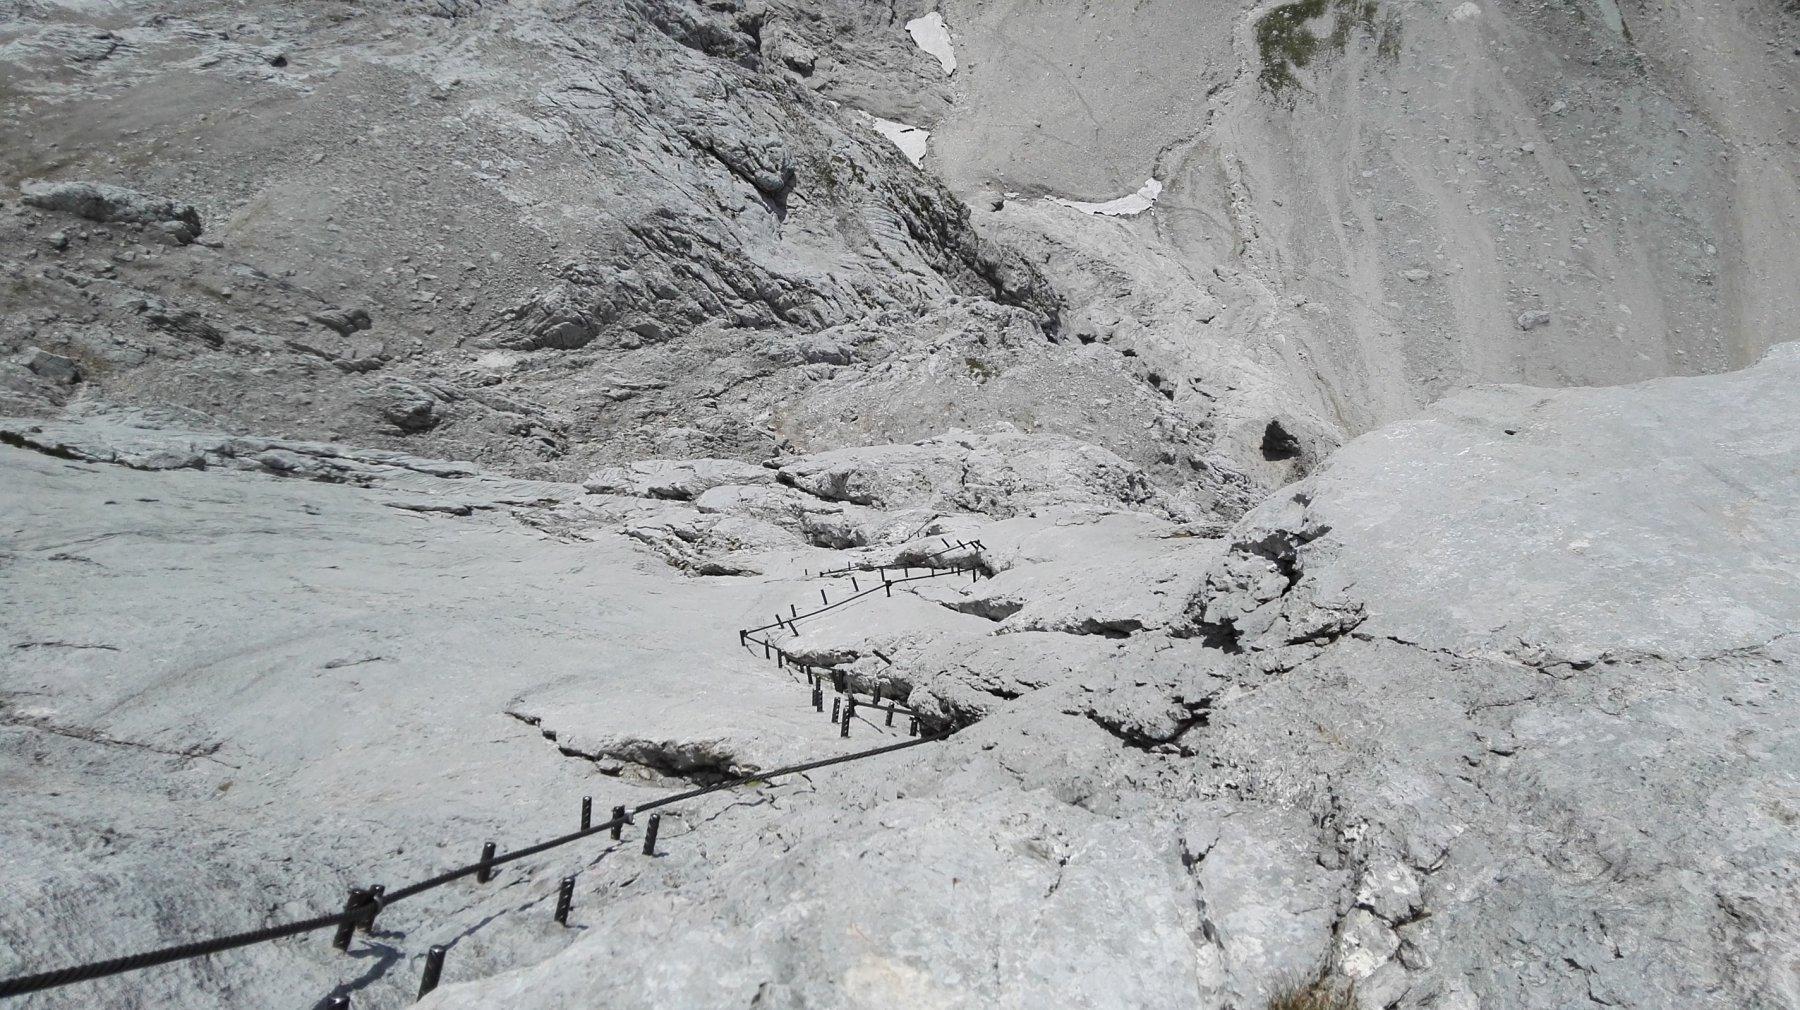 Dachstein Johann Klettersteig 2016-08-28